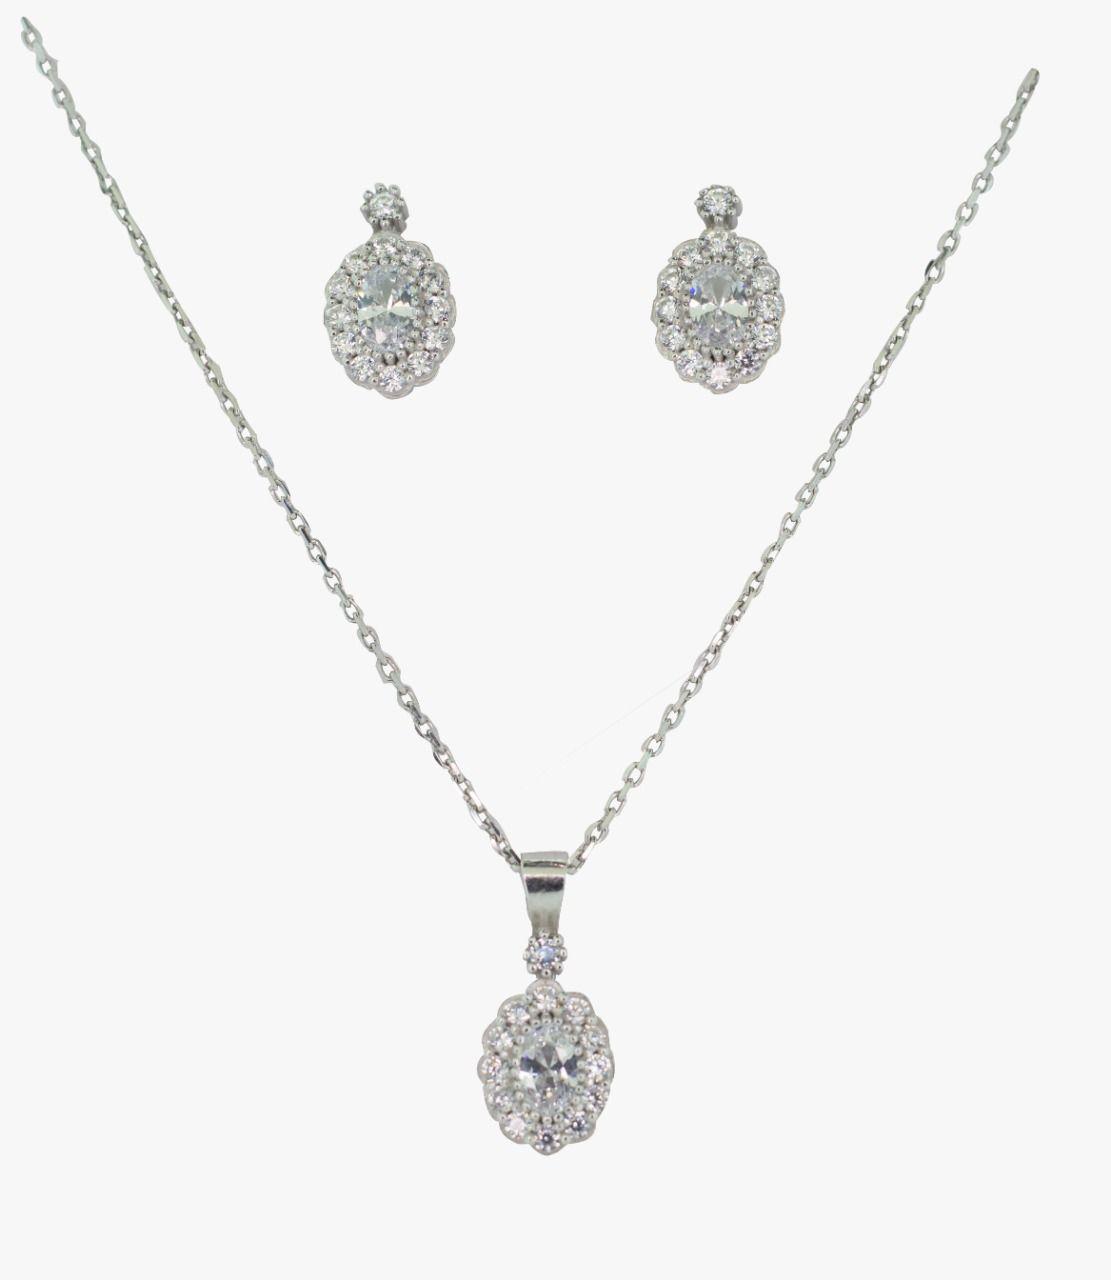 Conjunto prata 925 brincos e gargantilha com zirconias